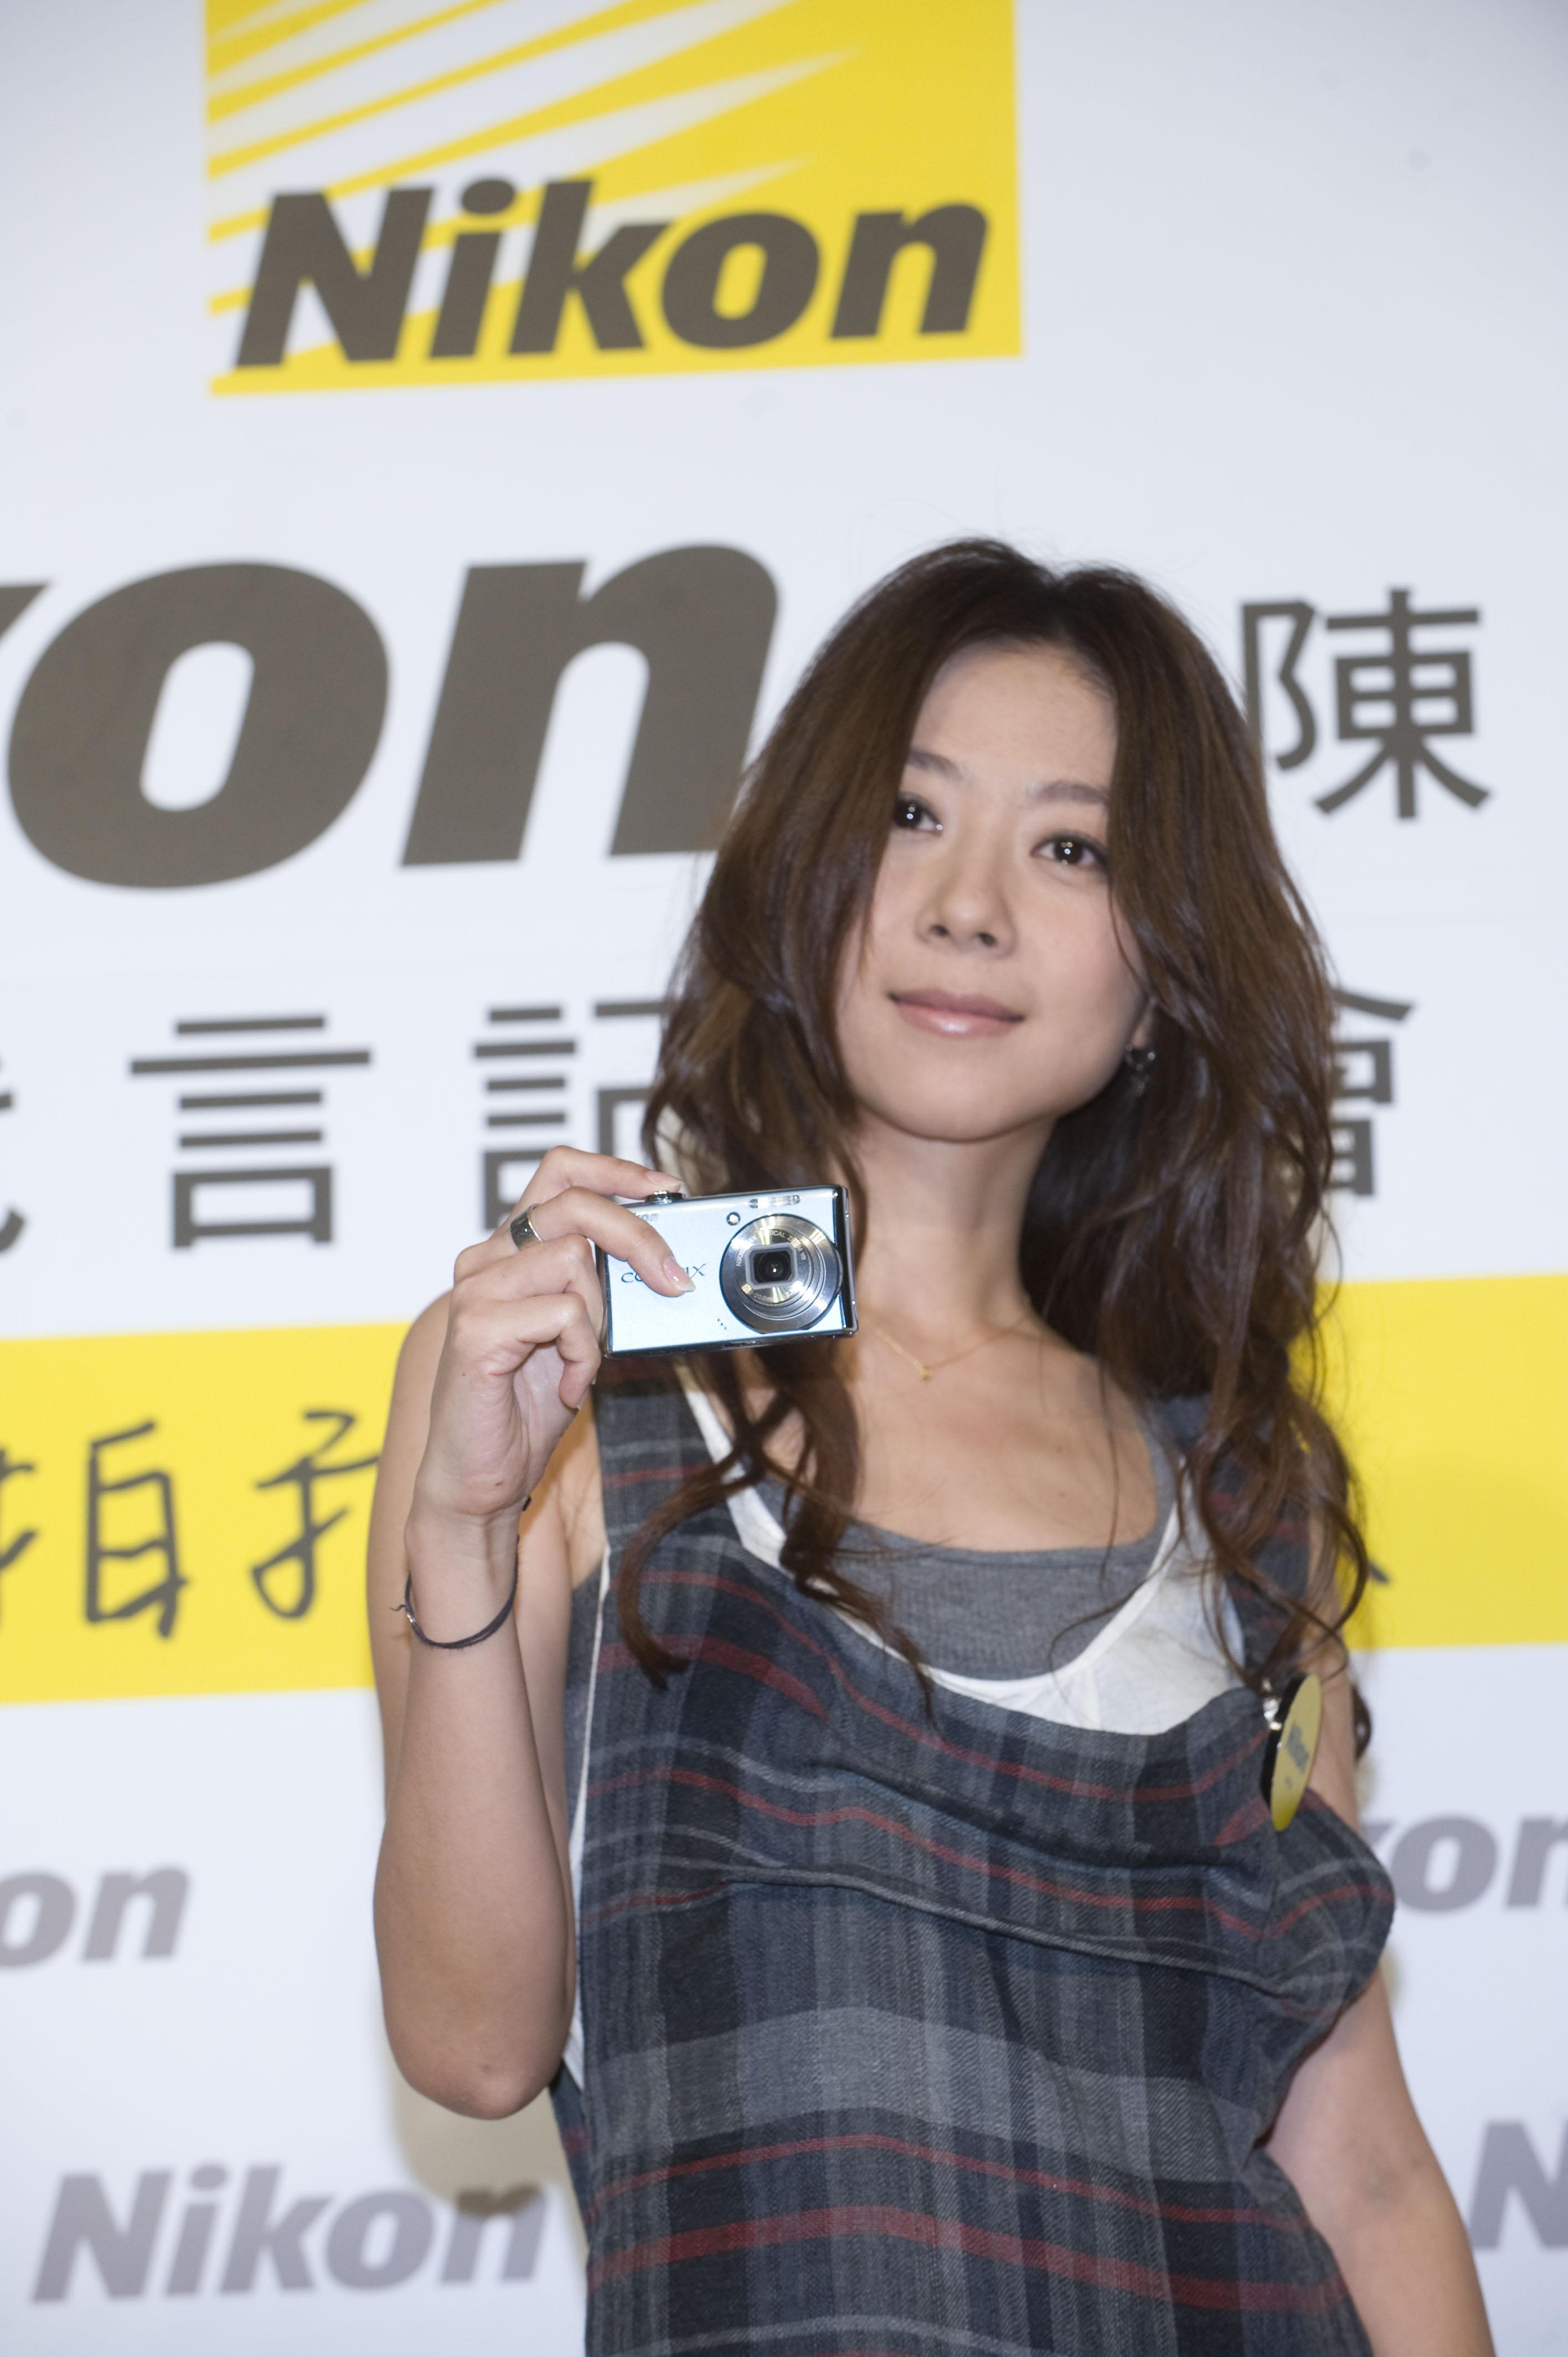 陳綺貞用Nikon 相機表達「拍我的看法」攝影新態度 .JPG